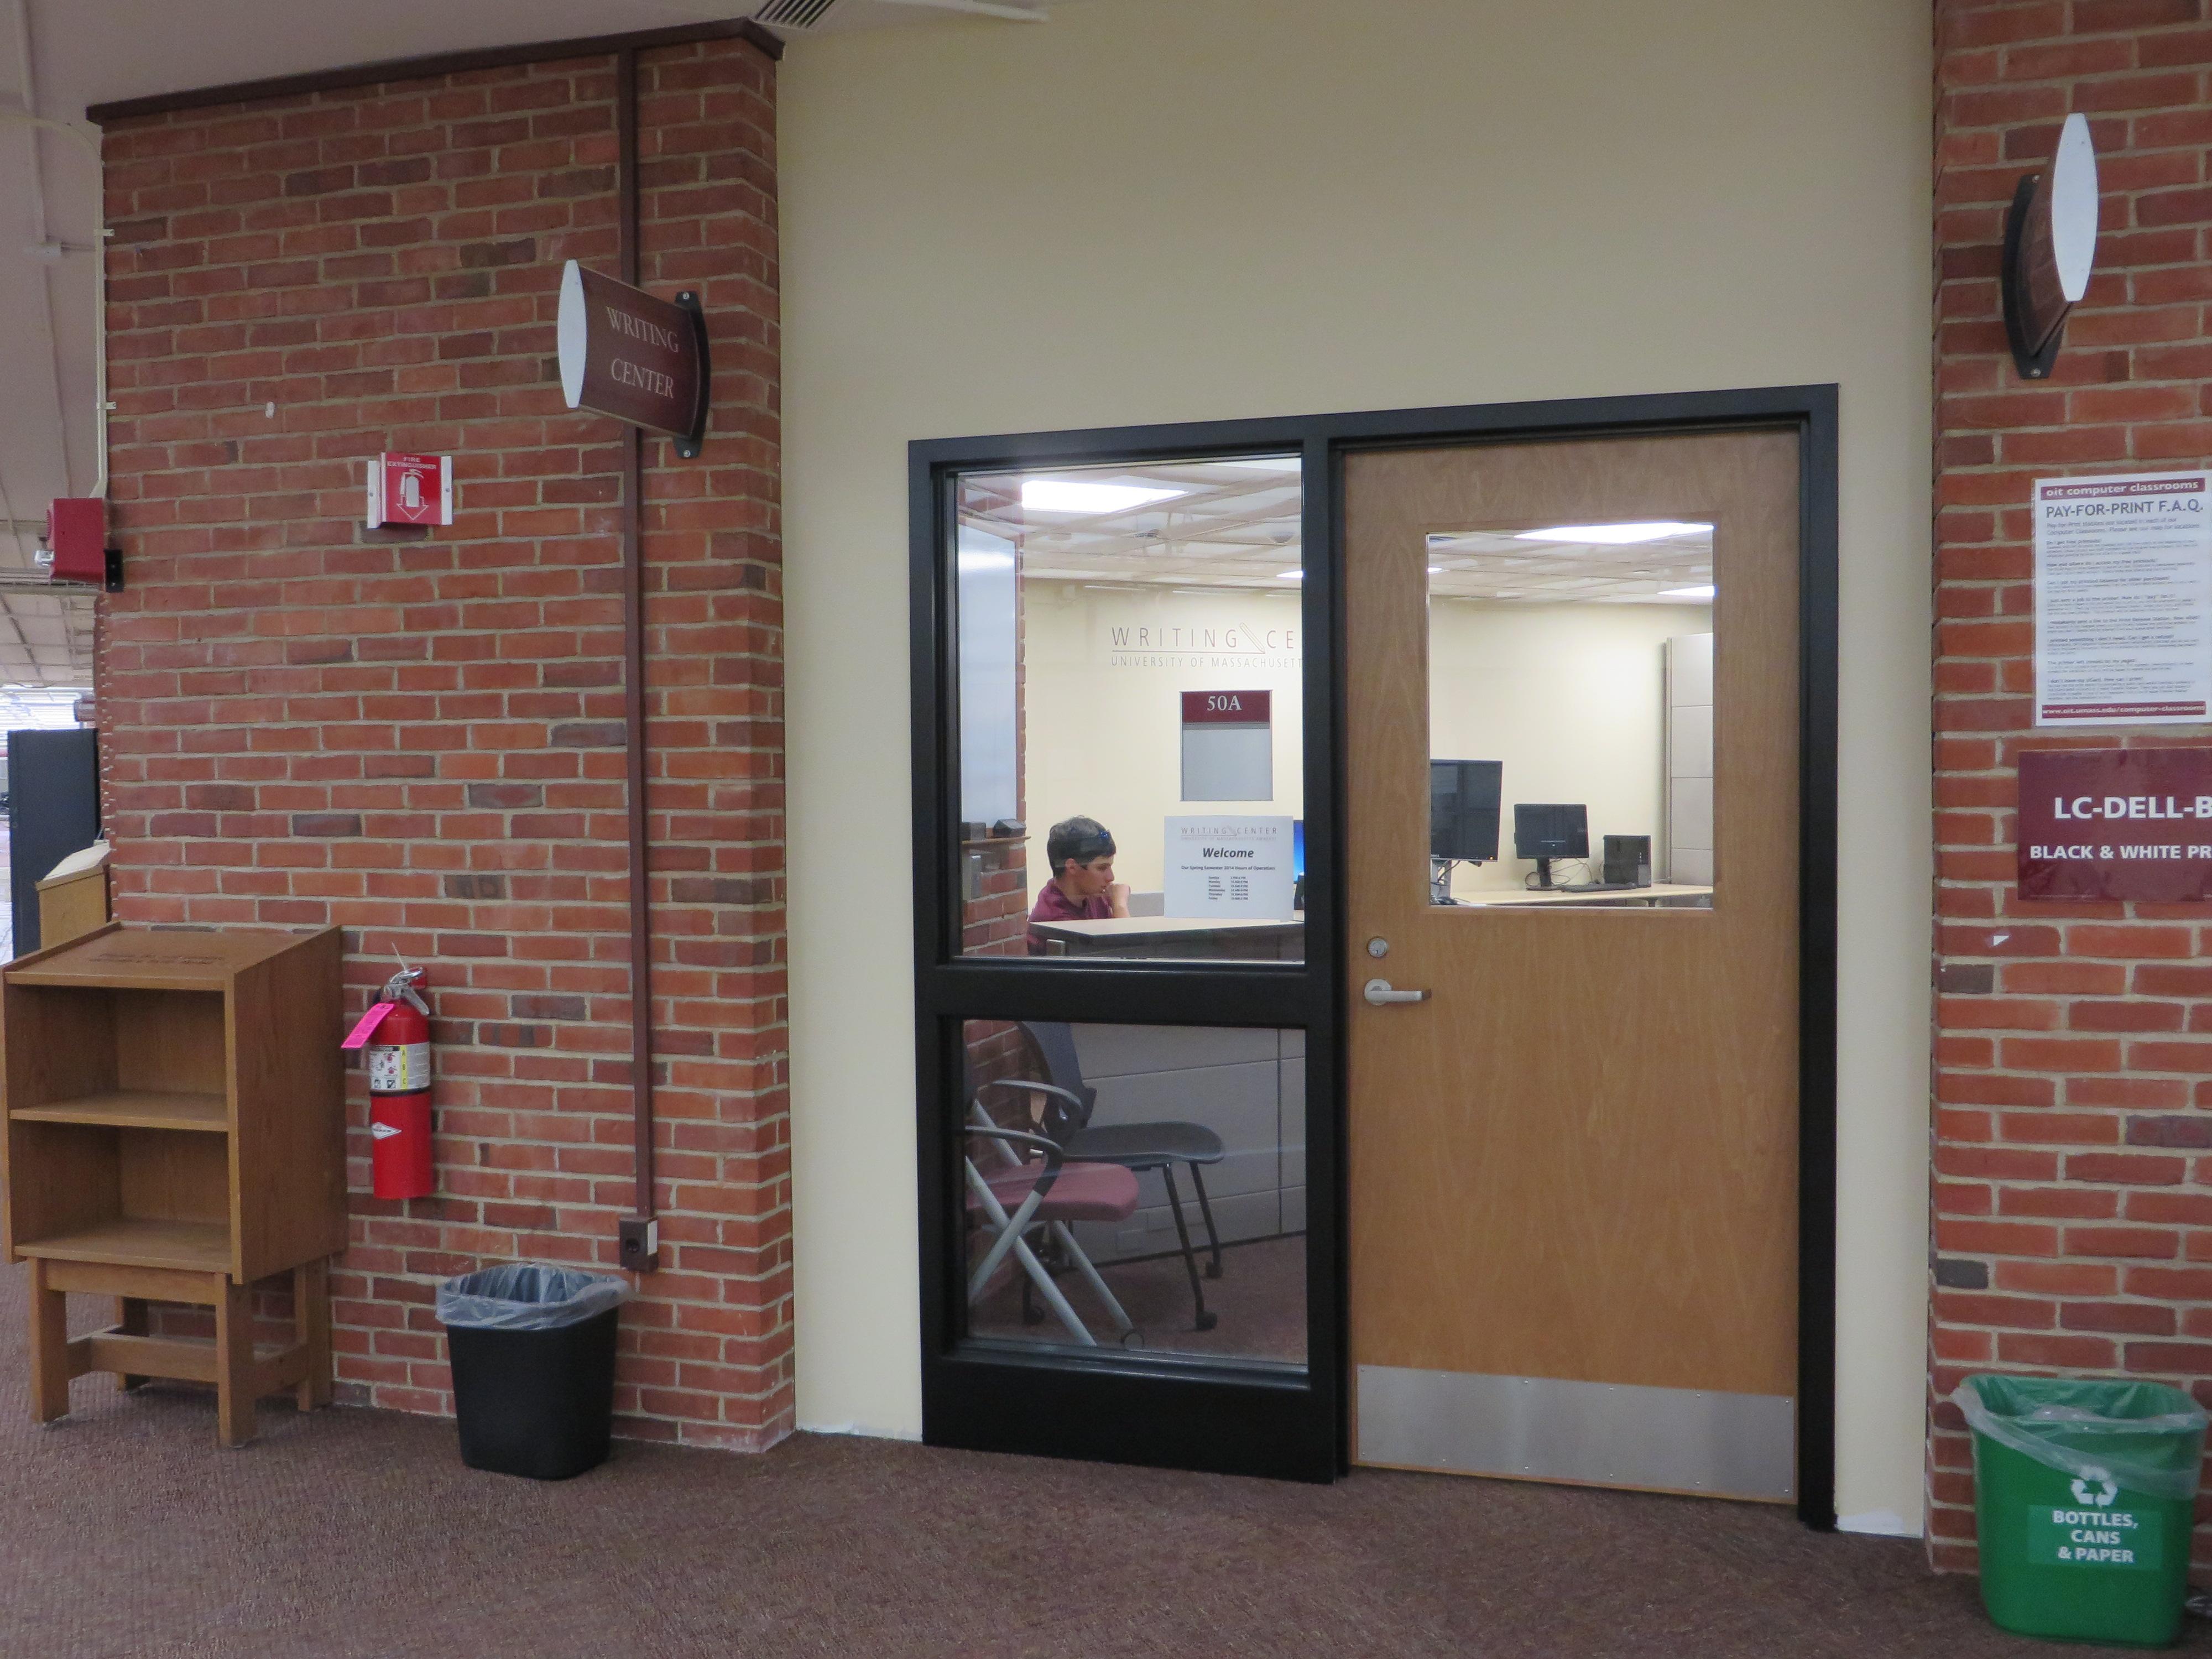 Umass writing center